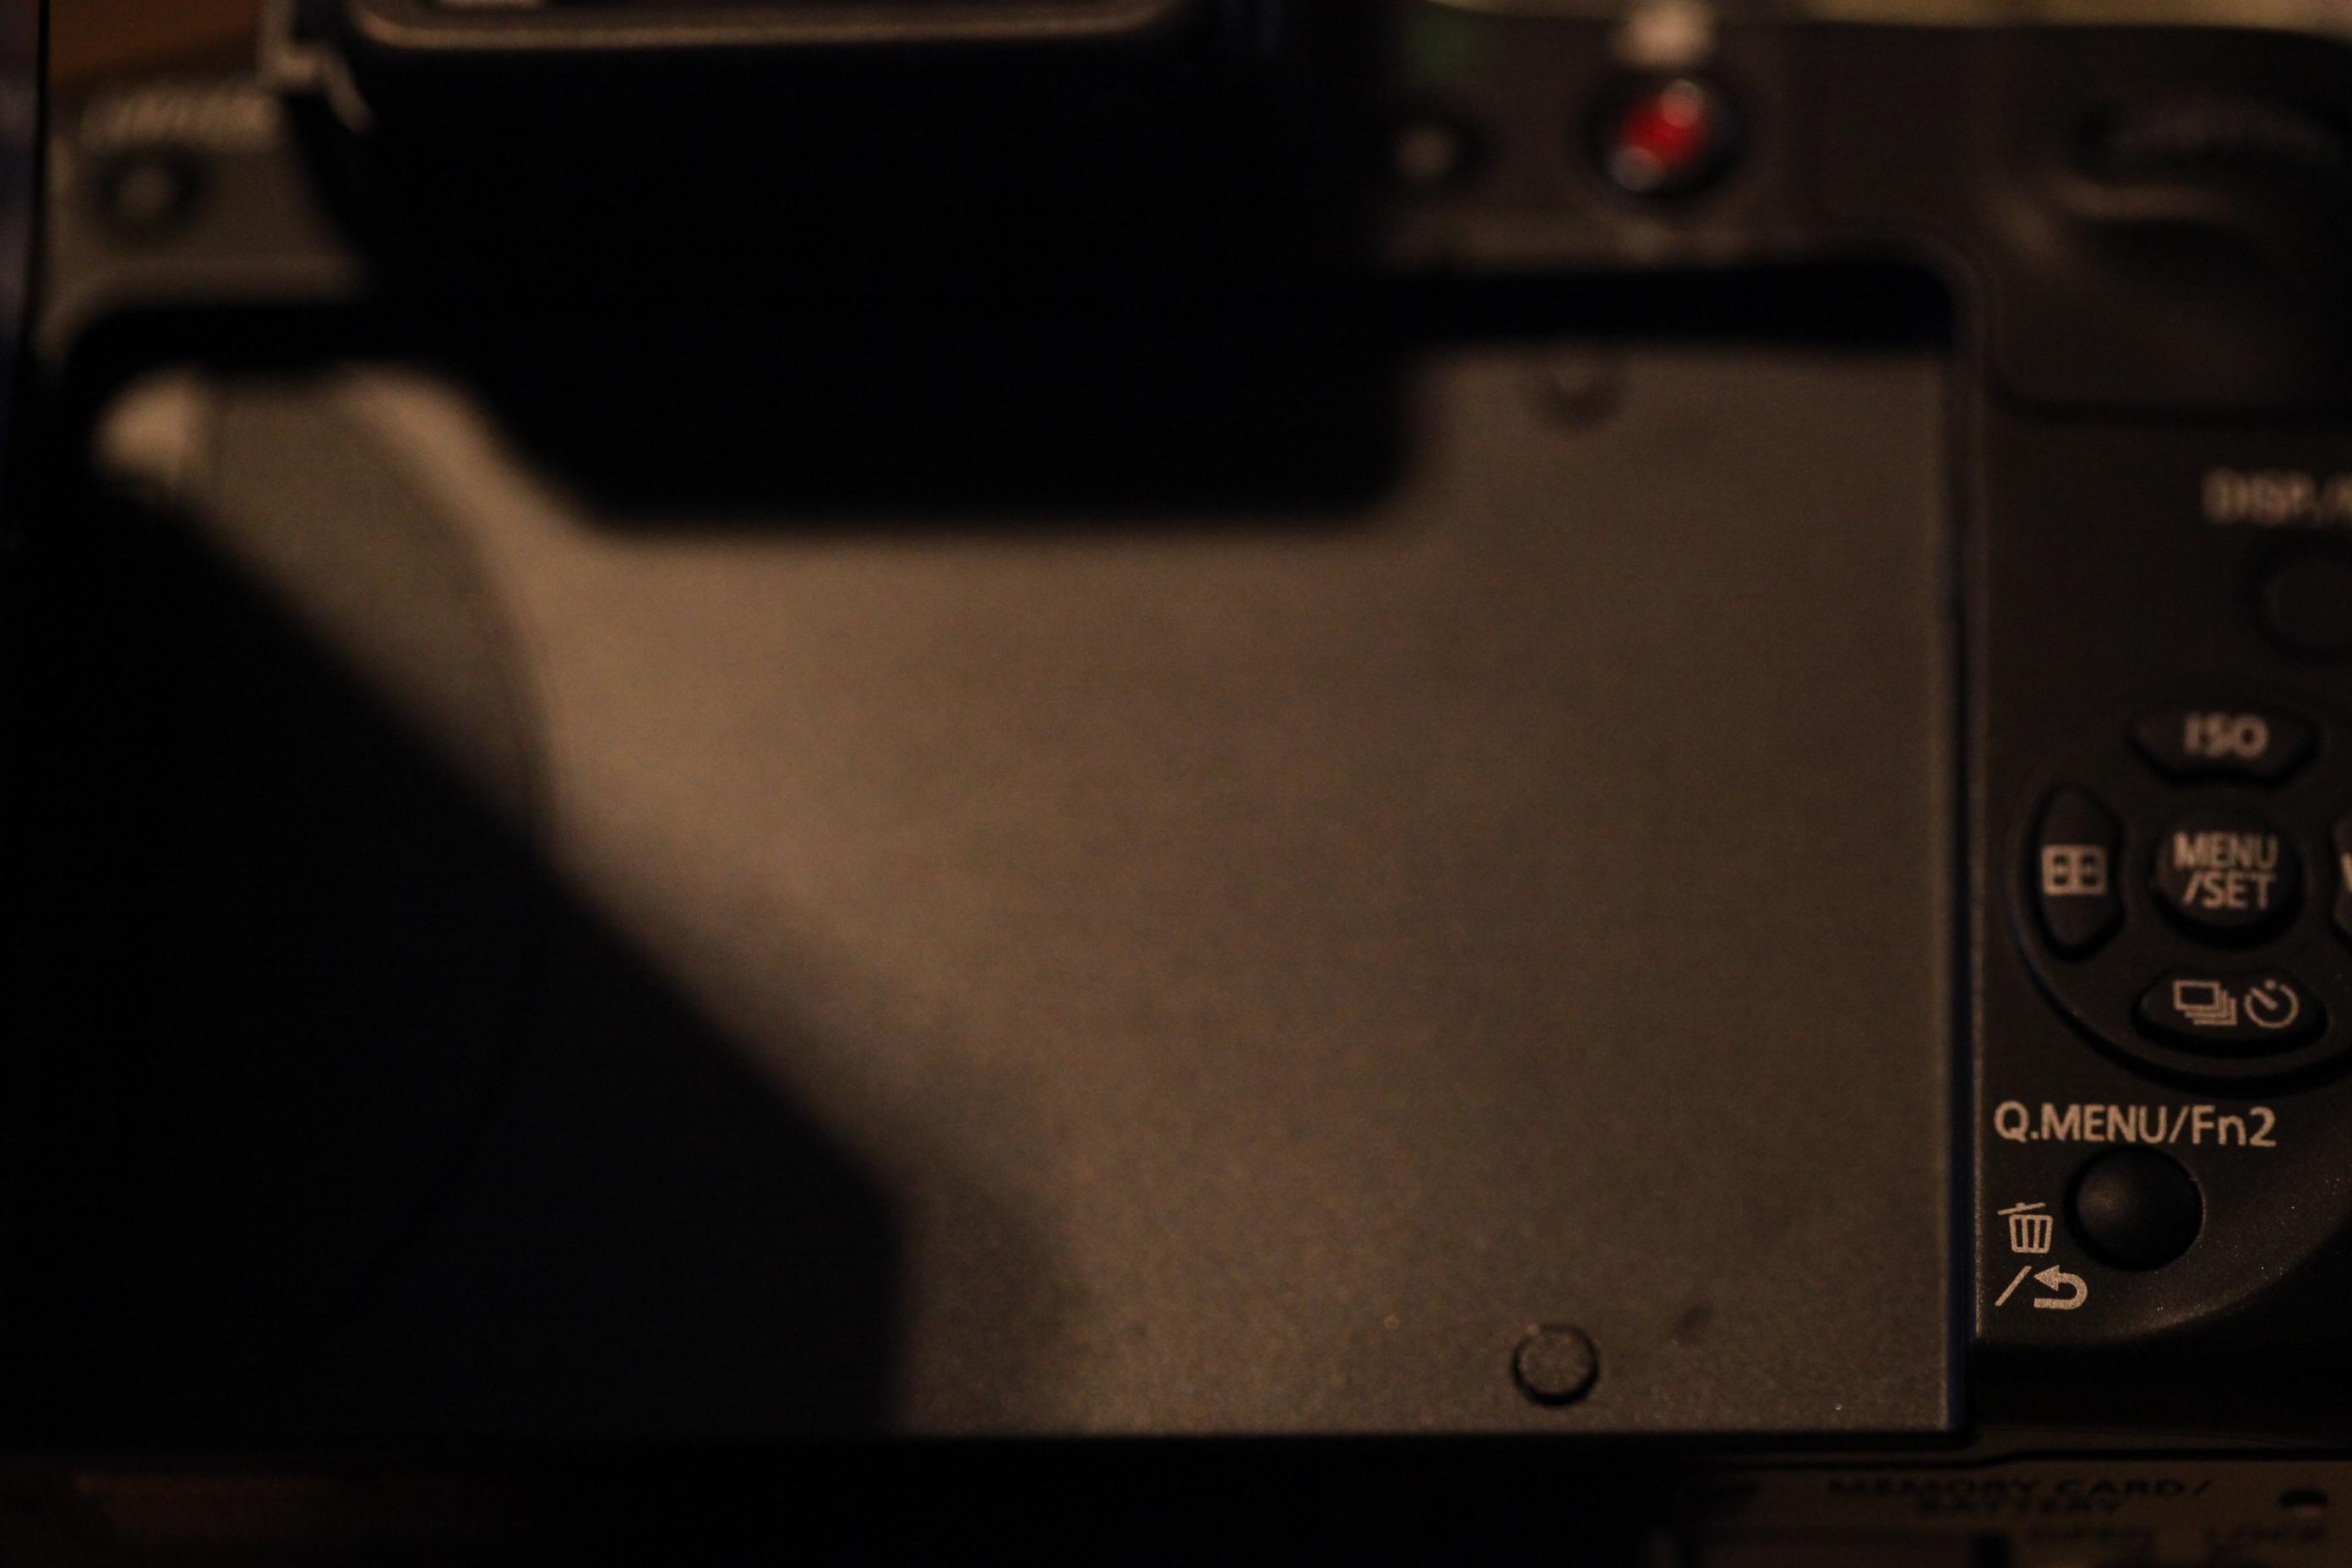 EOS 5D mkII EF100MACRO F2.8L